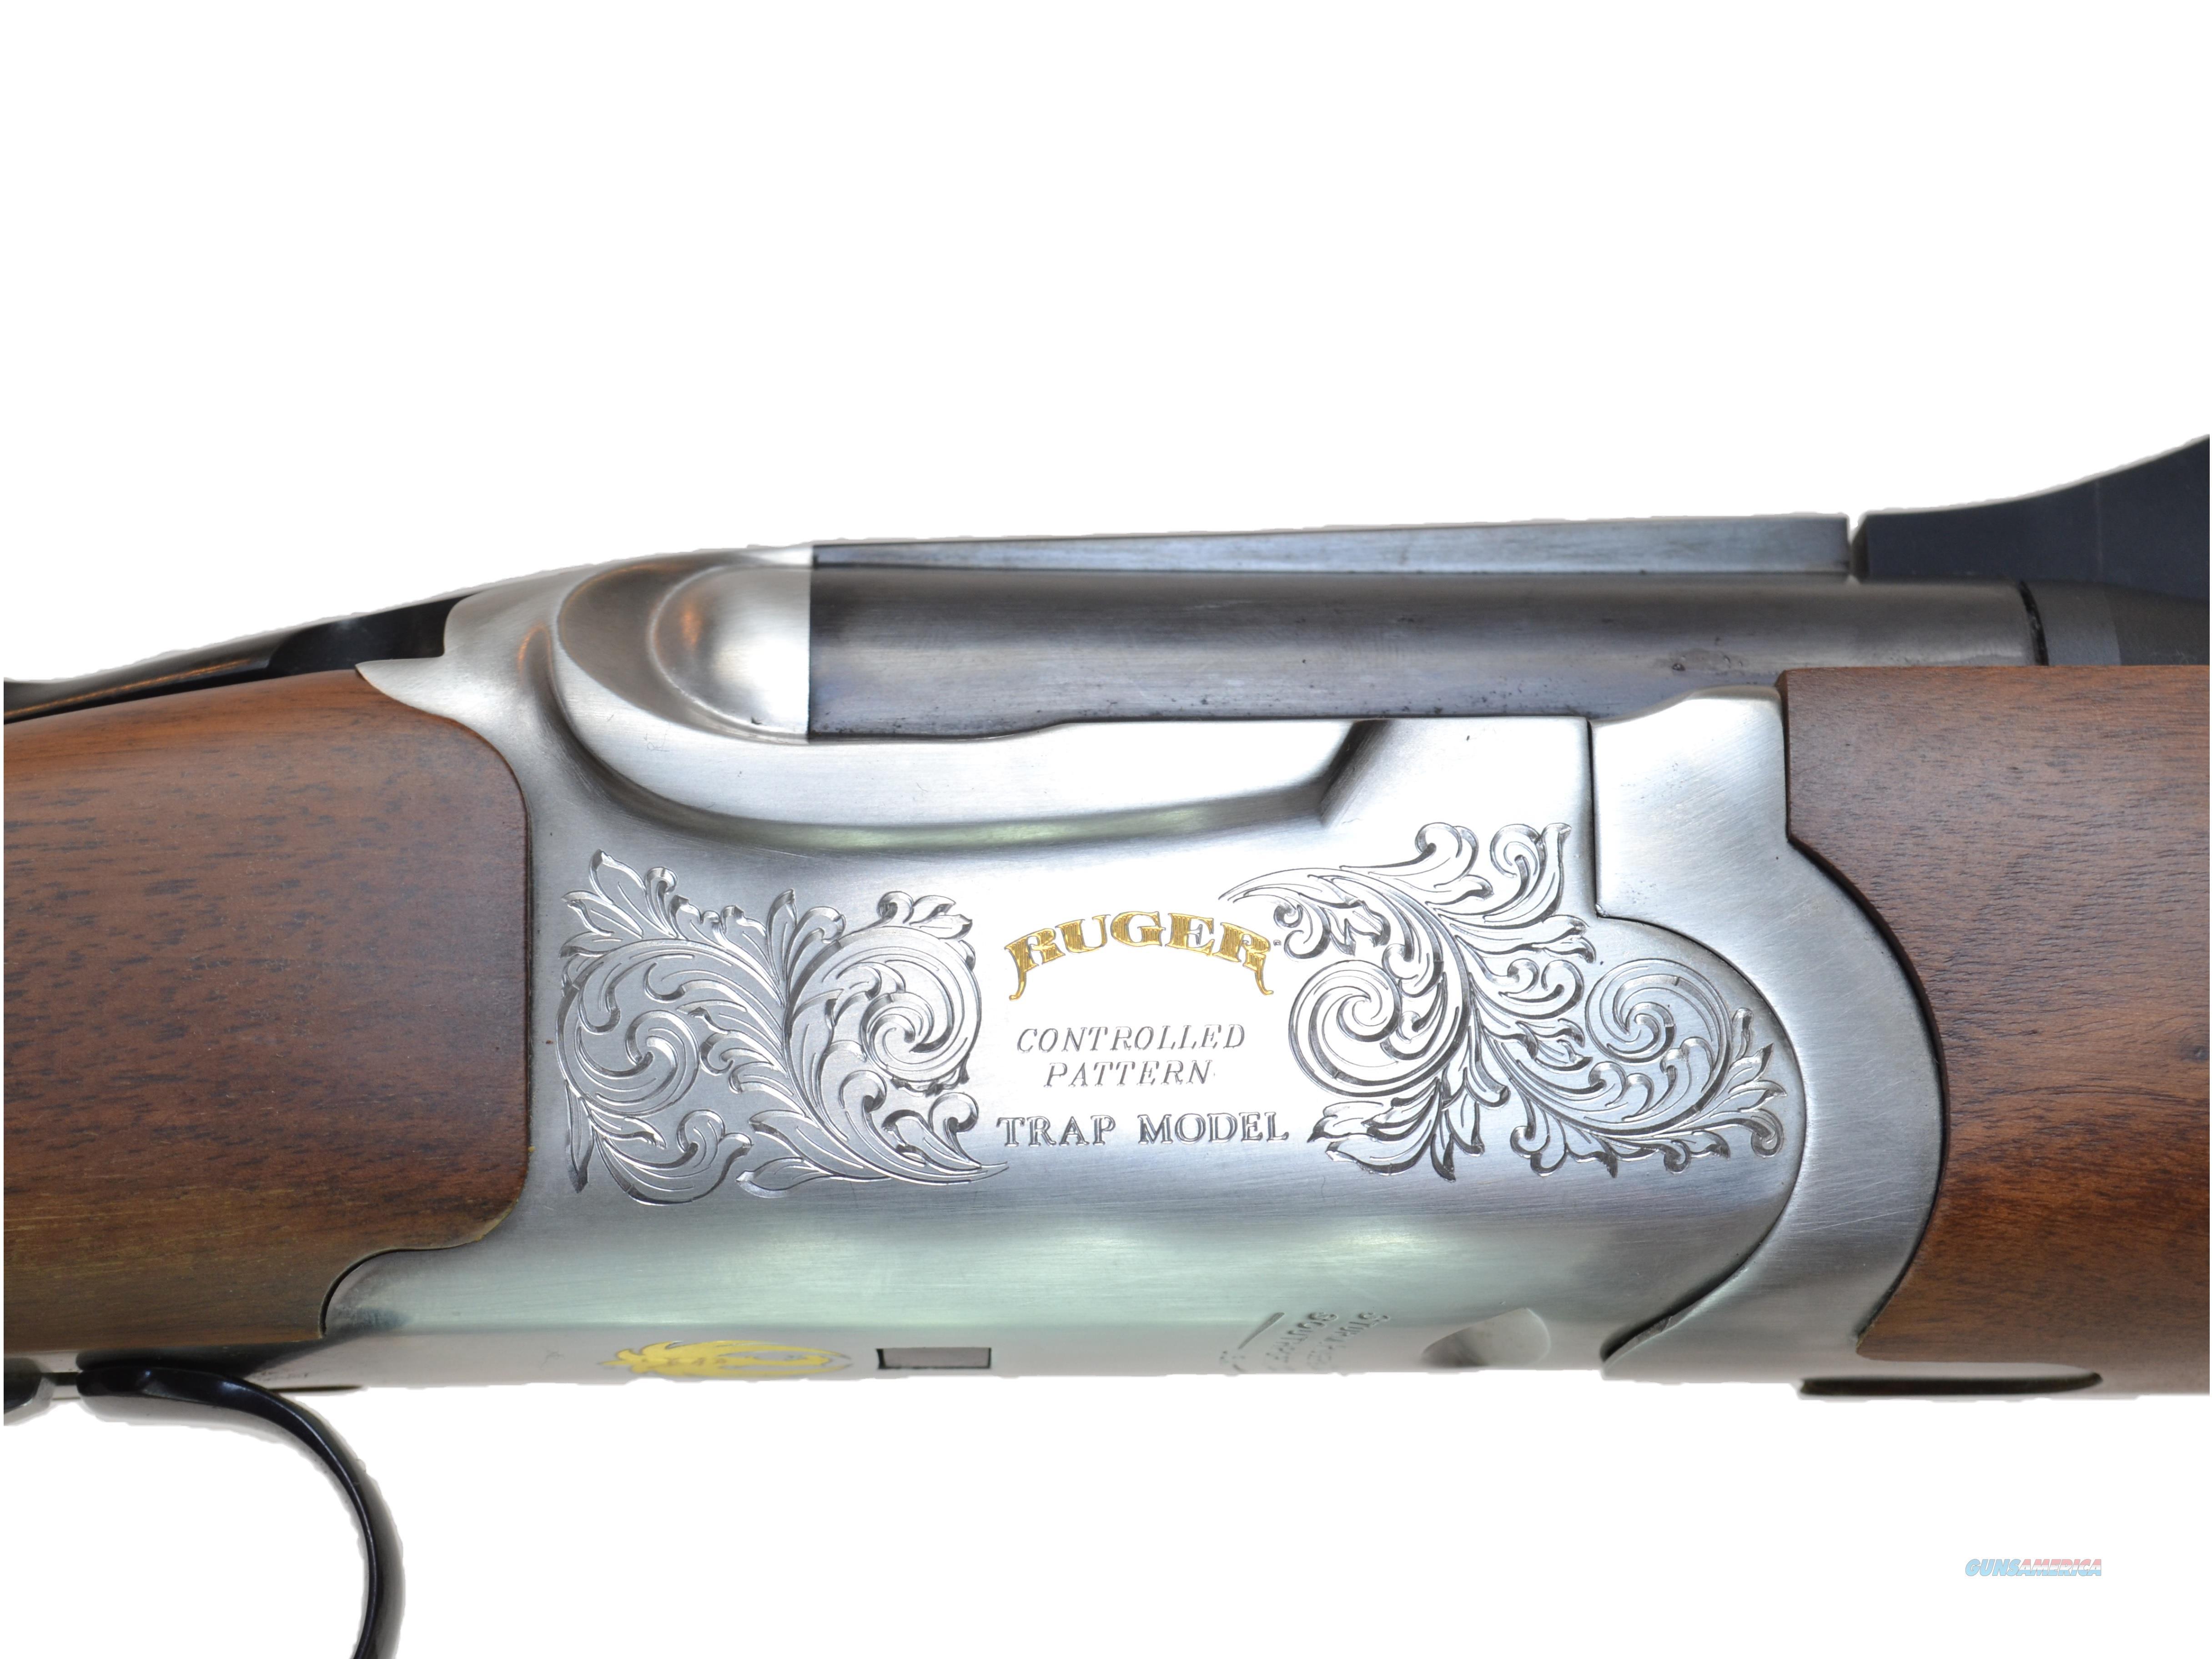 """Ruger - Trap Model, 12ga. 34"""" Barrels  Guns > Shotguns > Ruger Shotguns > Trap/Skeet"""